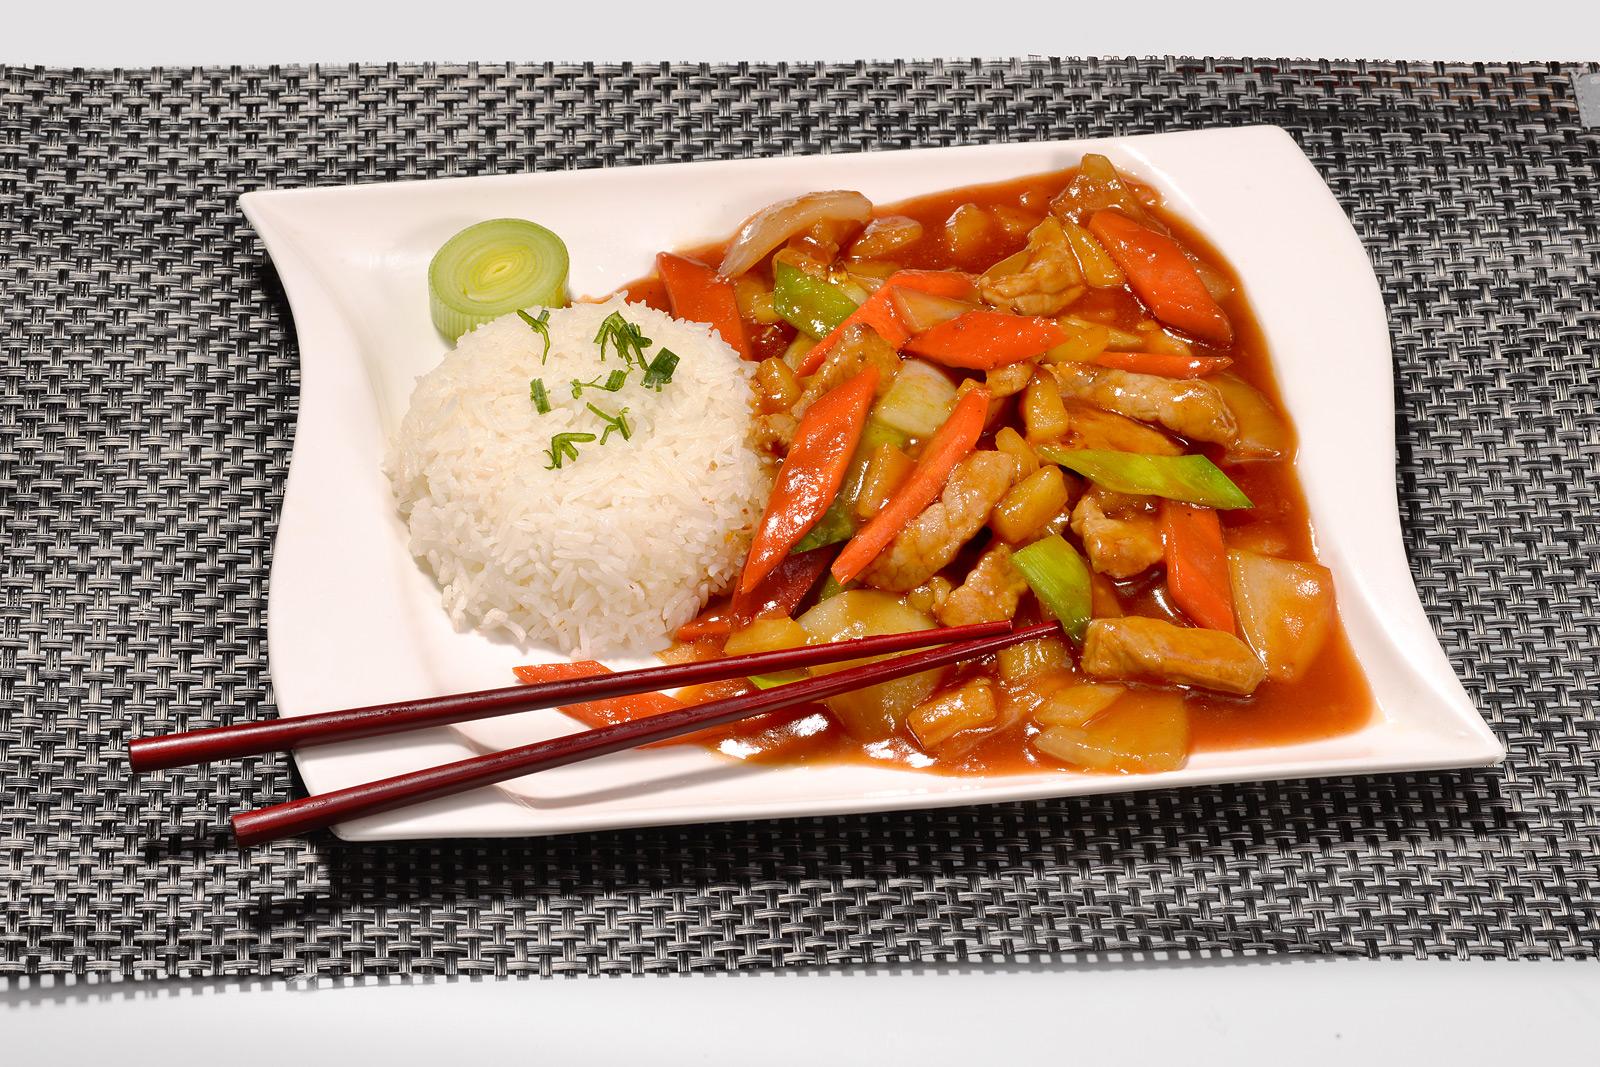 Werbefotografie: schmackhaft angerichtetes asiatisches  Gericht - aufgenommen im hauseigenen Focus Fotostudio.